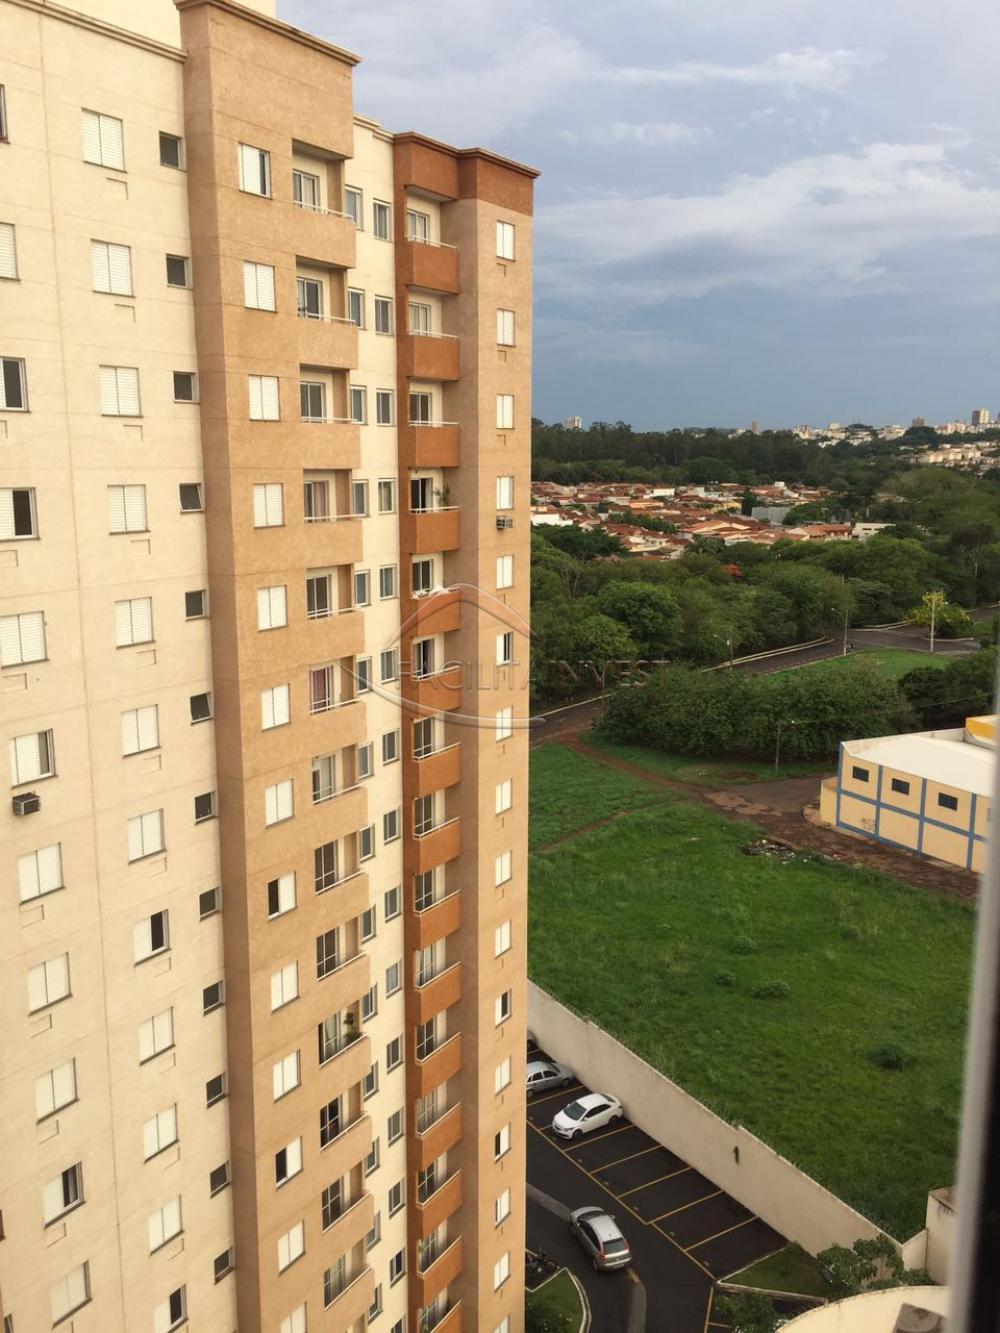 Comprar Apartamentos / Apart. Padrão em Ribeirão Preto apenas R$ 220.000,00 - Foto 32